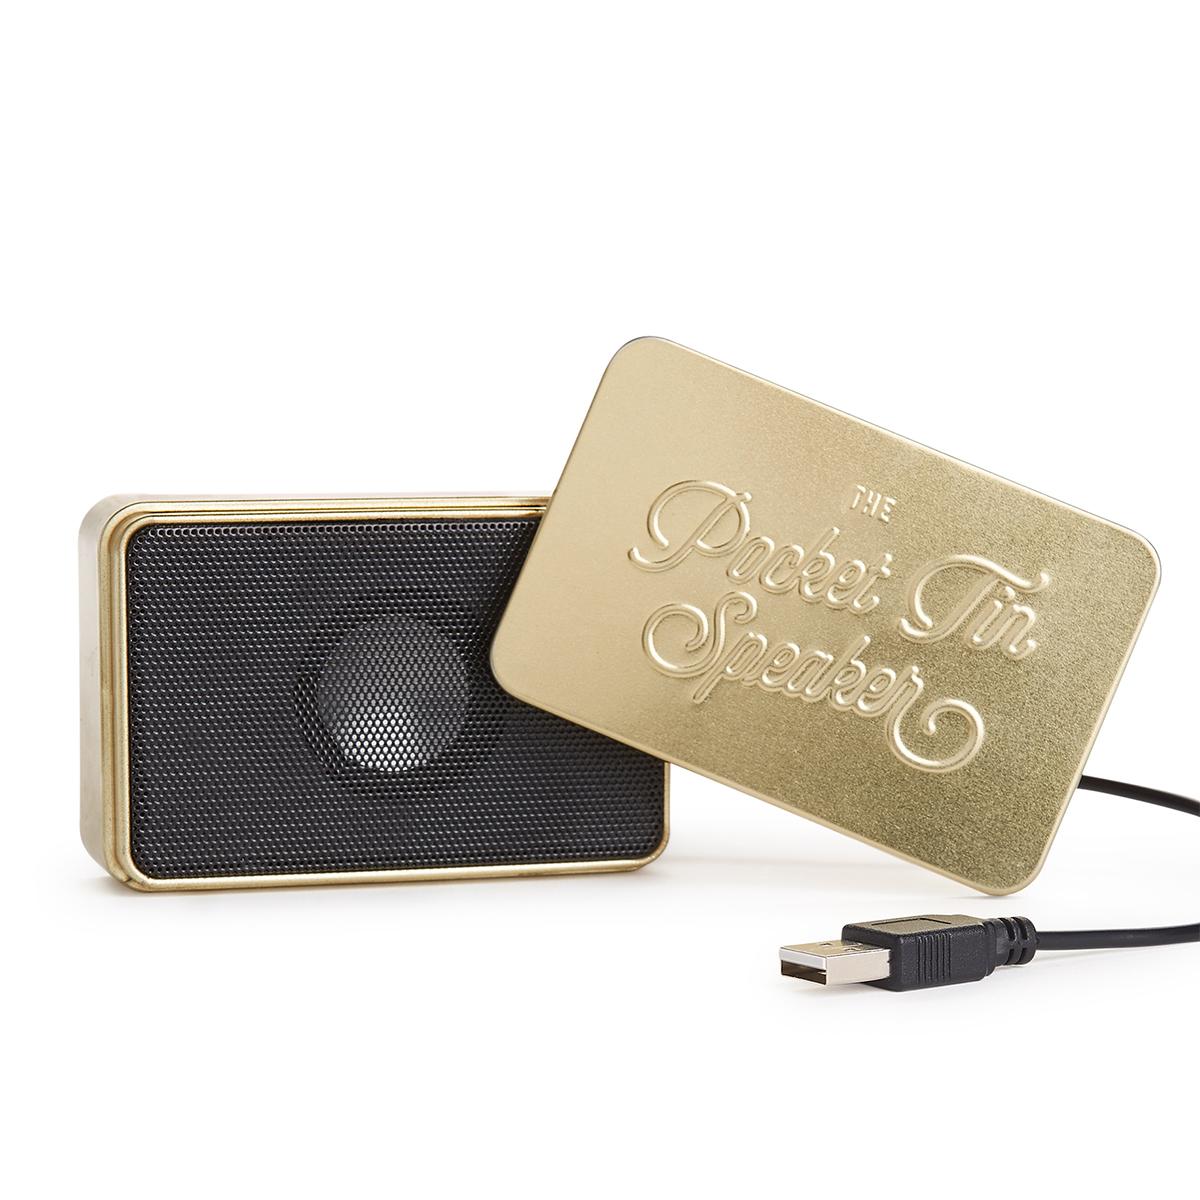 Mini Bluetooth luidspreker in een blikje